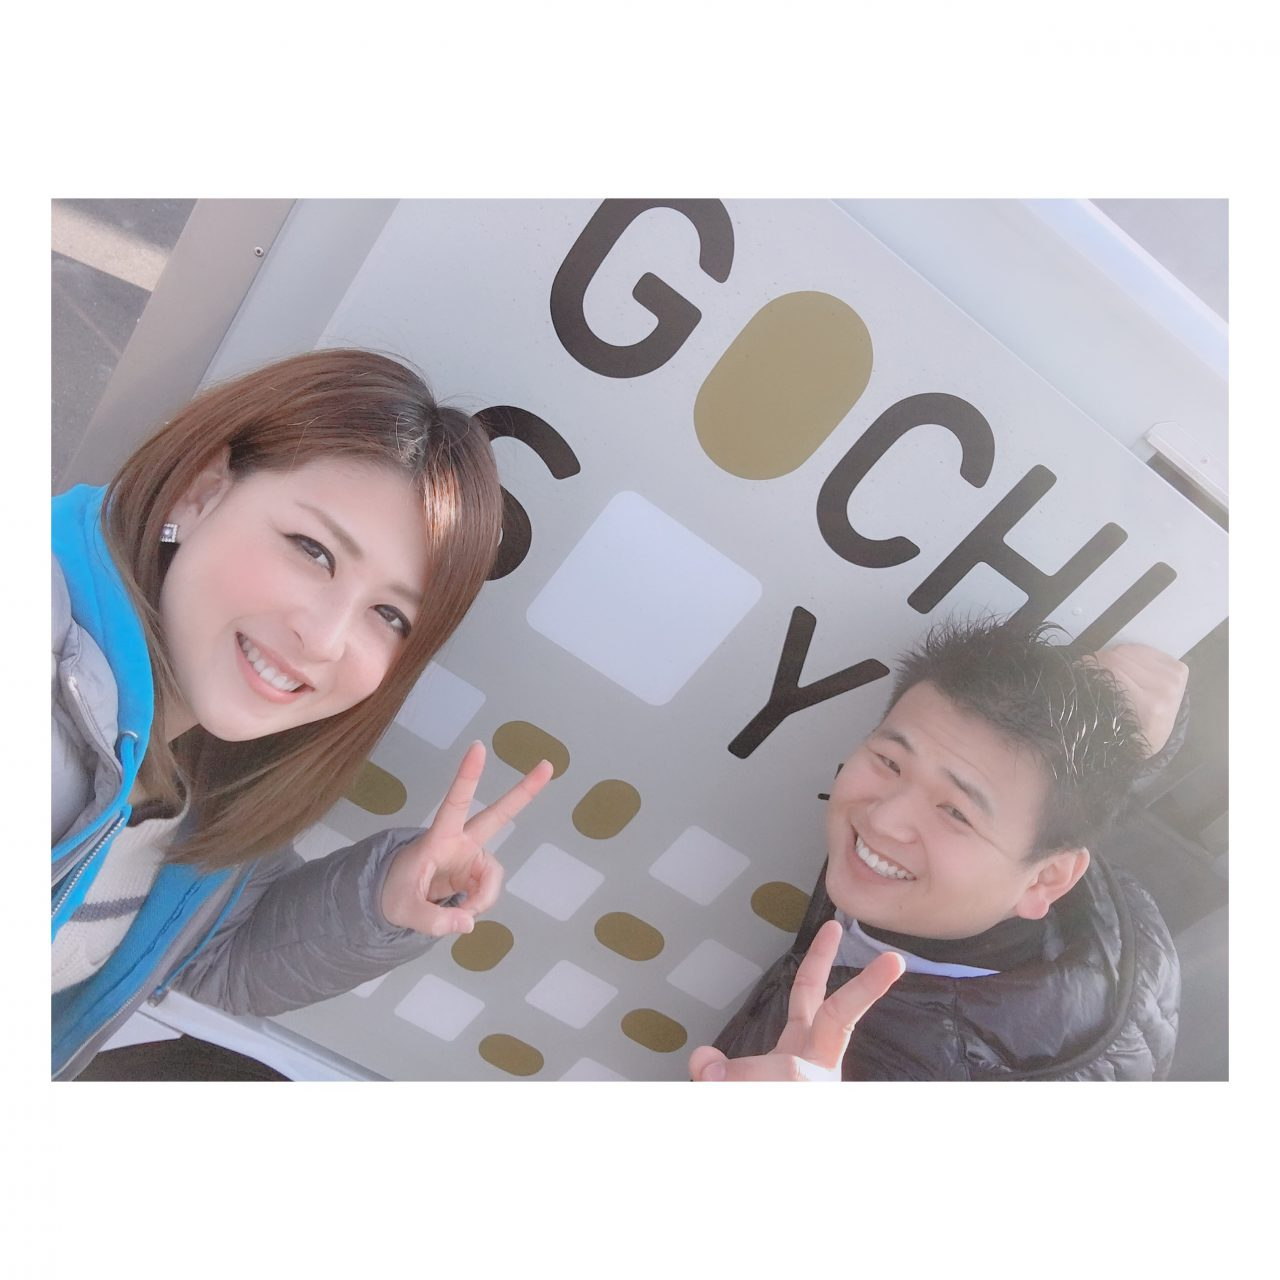 gochisoy